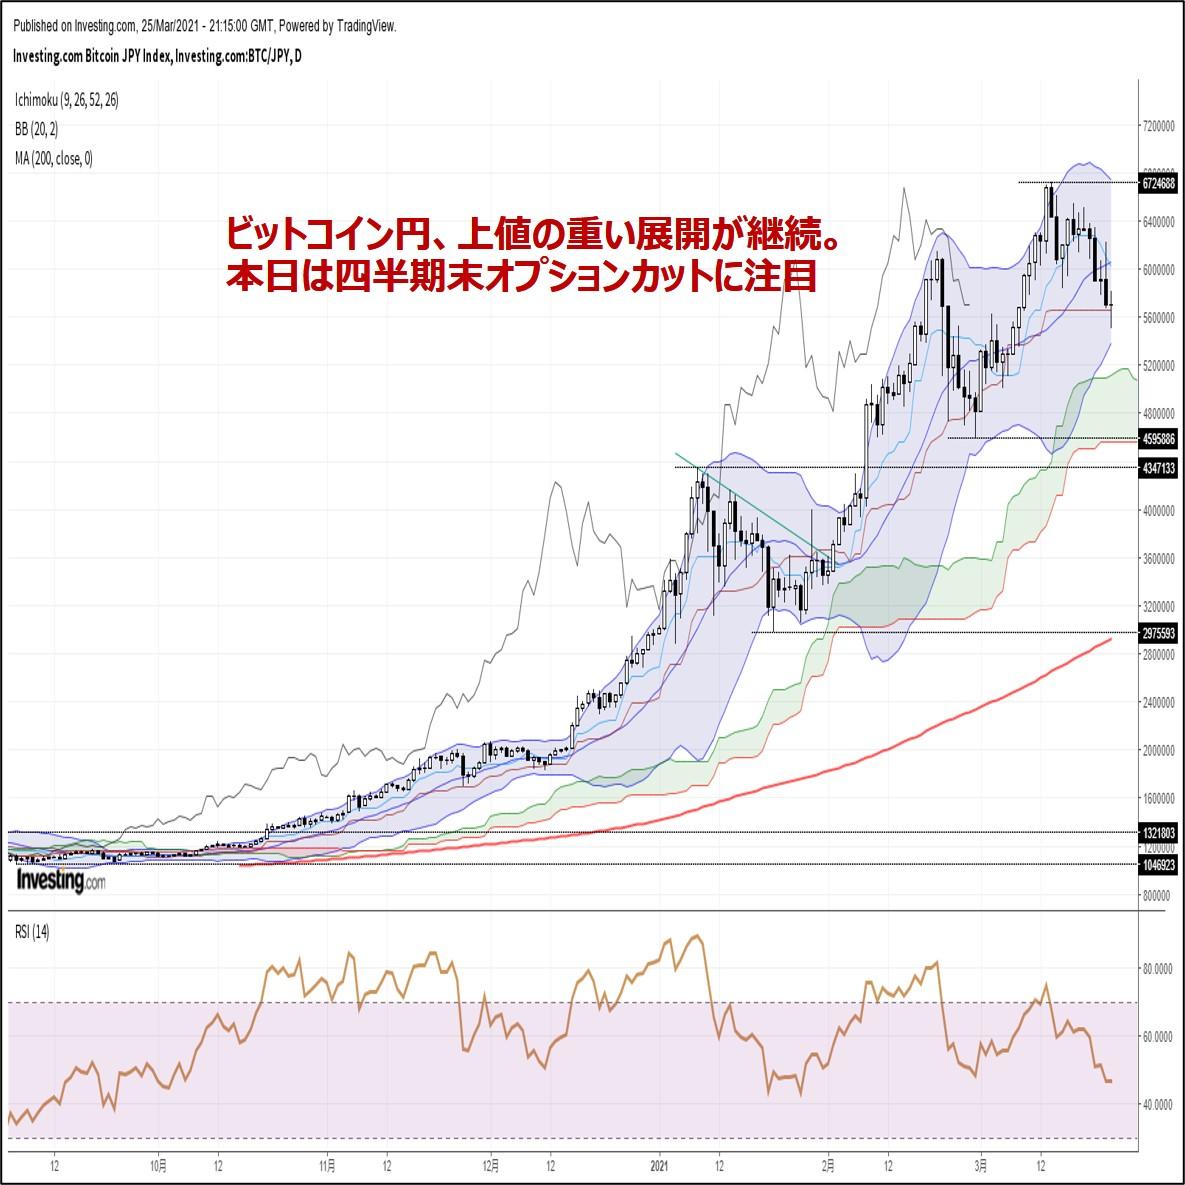 ビットコイン円、上値の重い展開が継続。本日は四半期末オプションカットに注目(3/26朝)